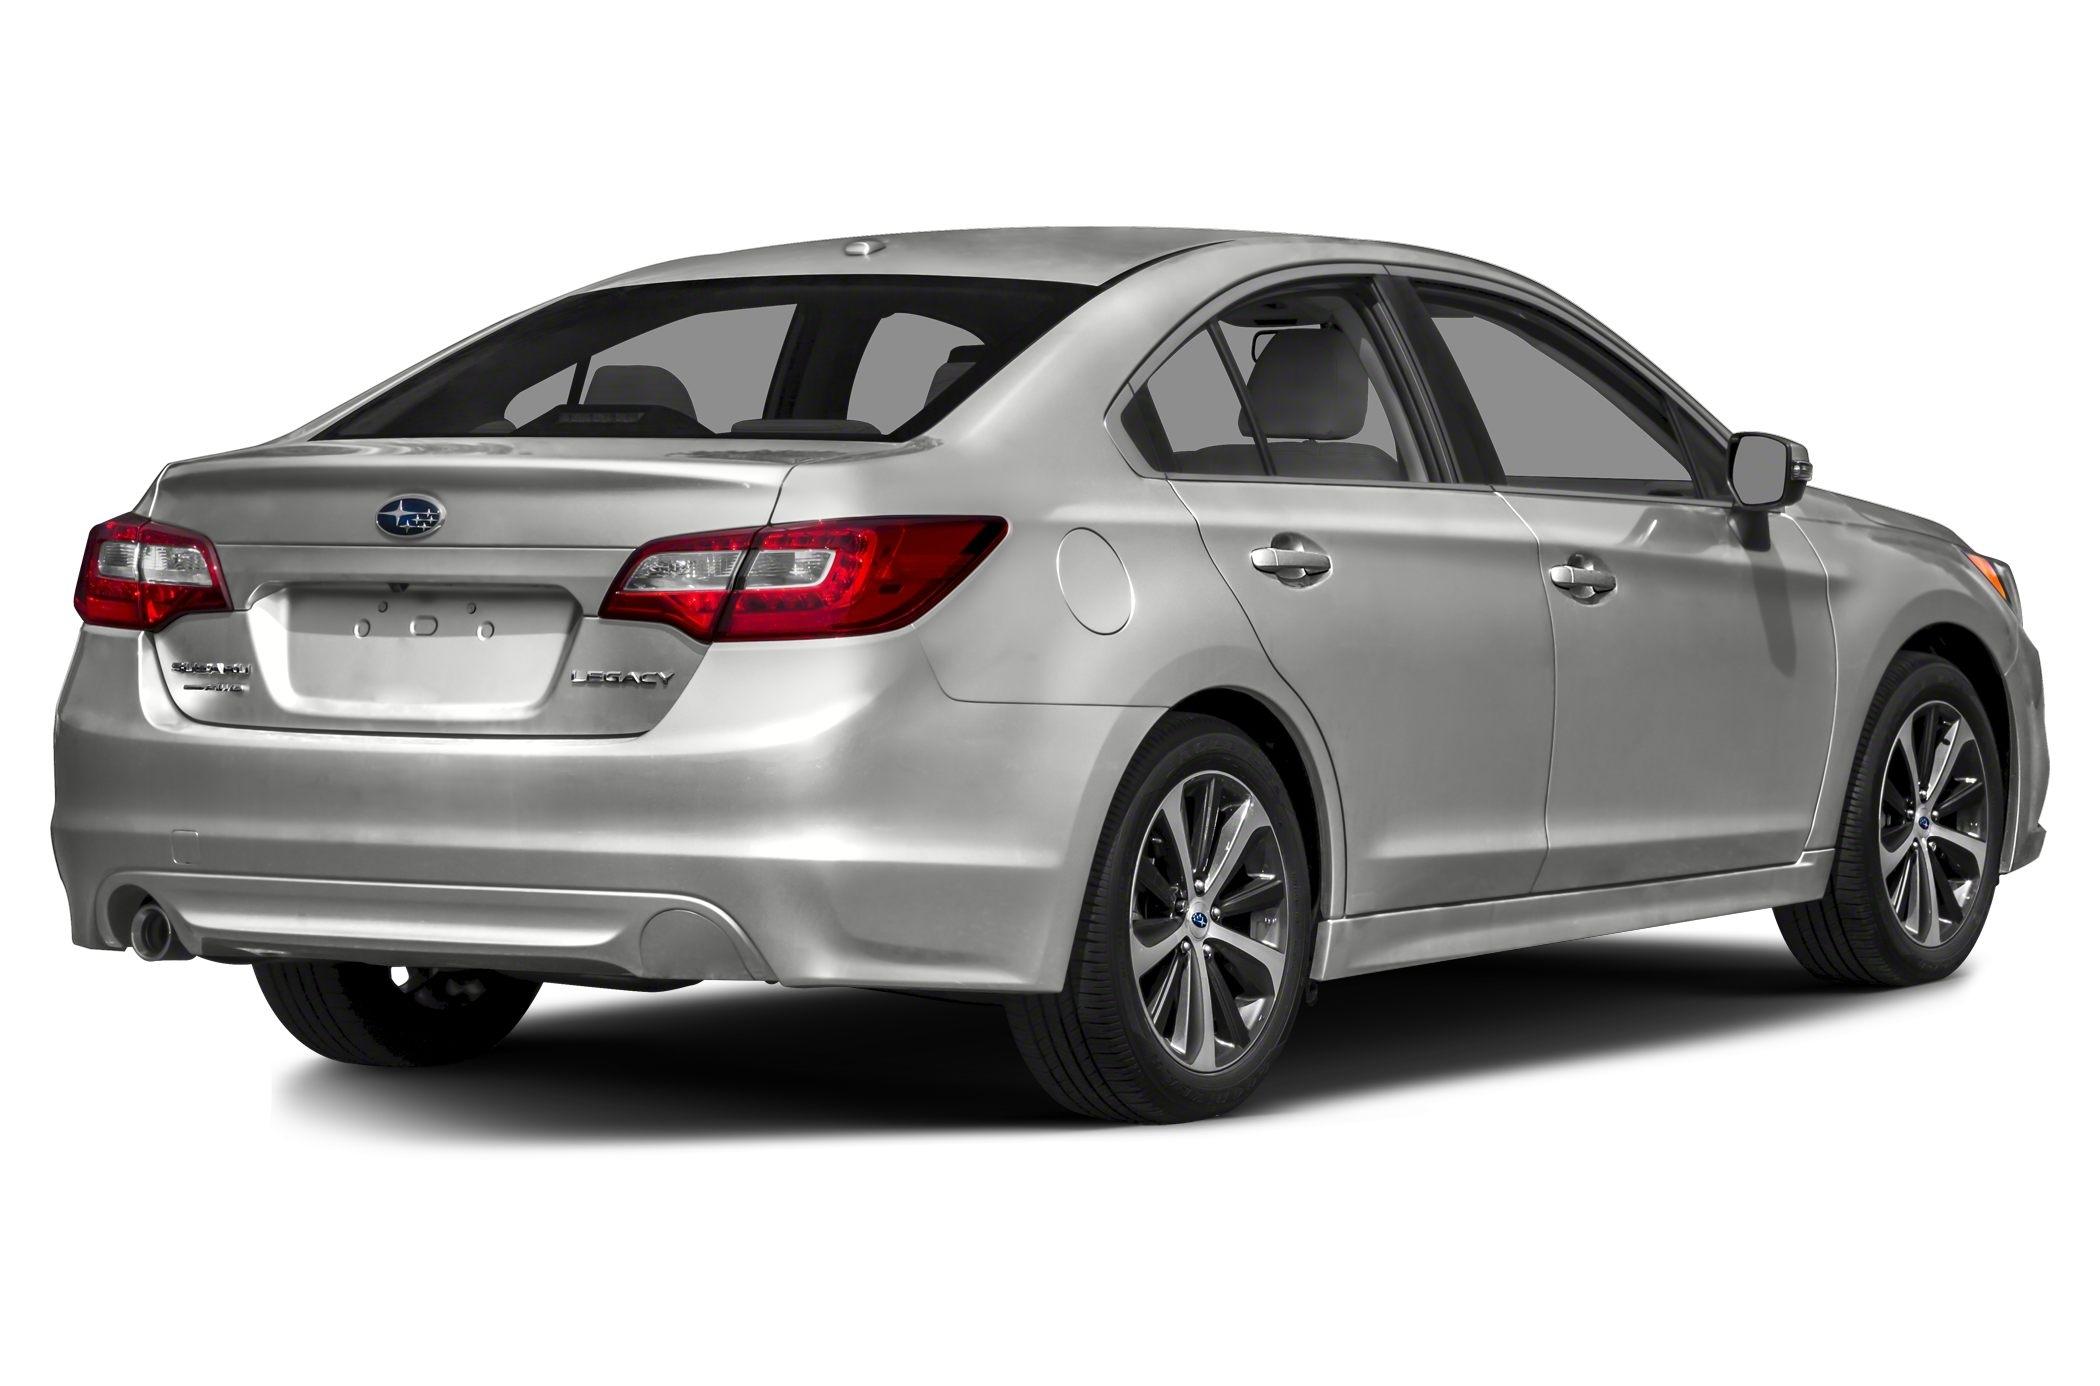 2015 Subaru Legacy Invoice Price